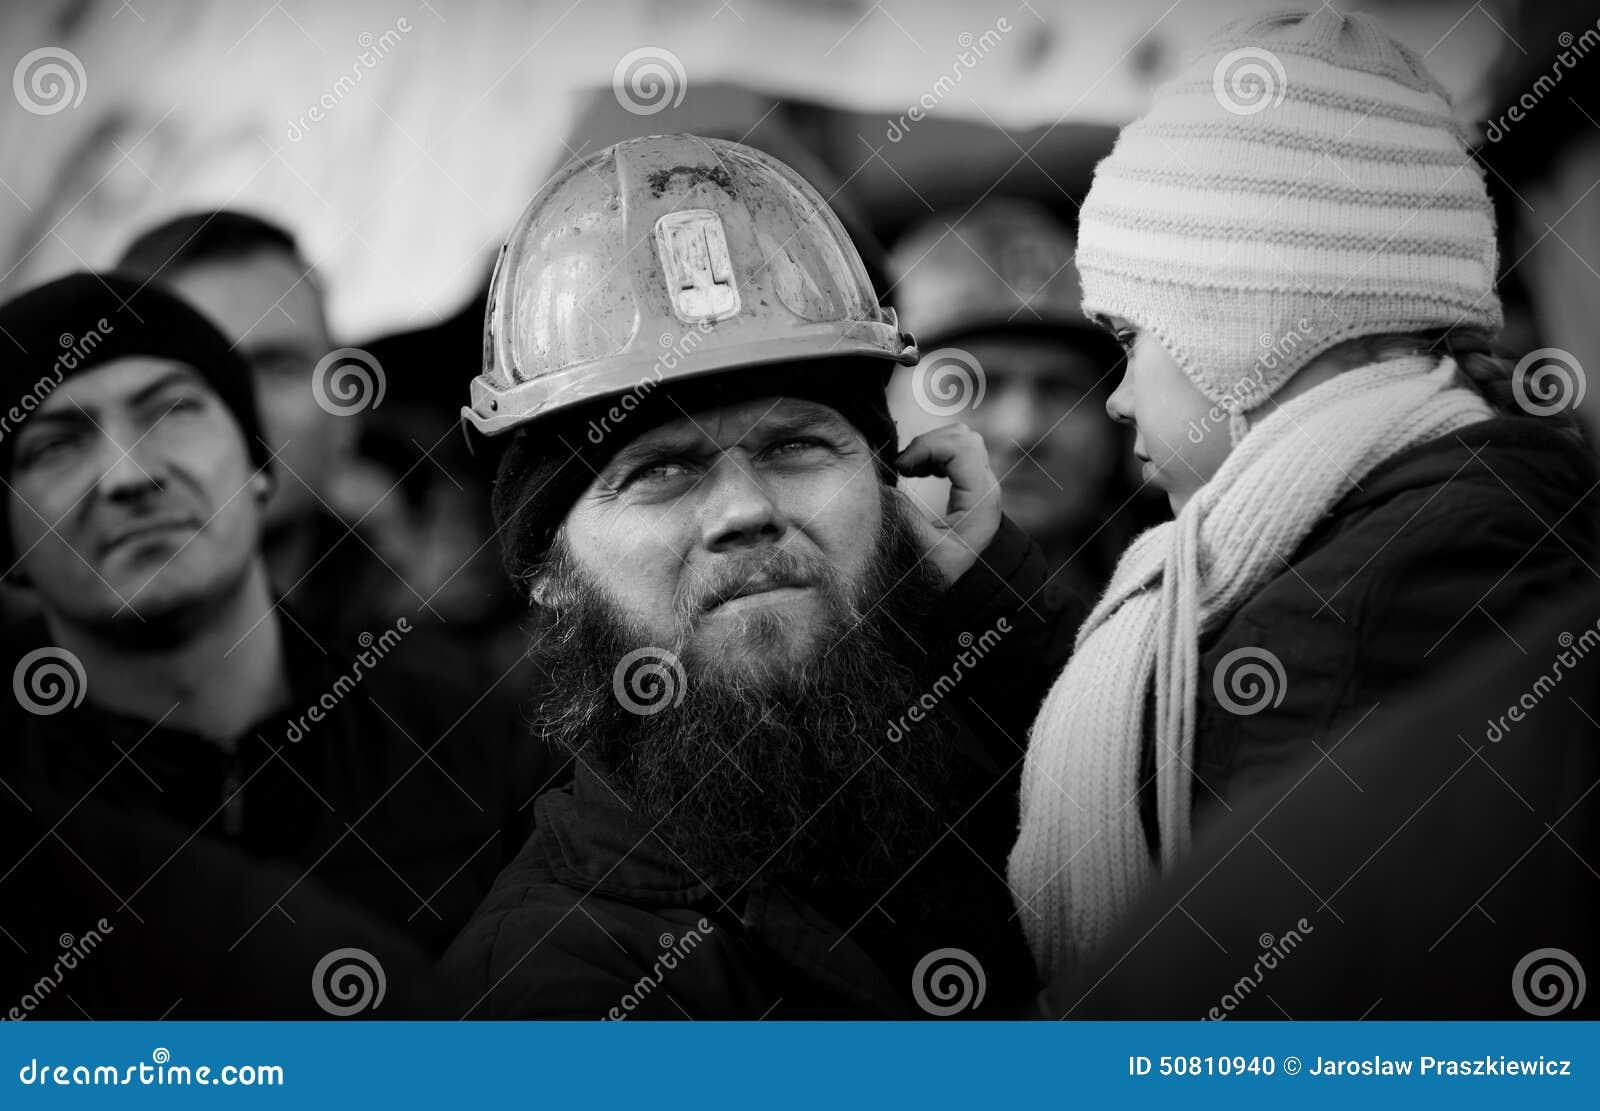 行动西莱亚西矿工罢工的抗议